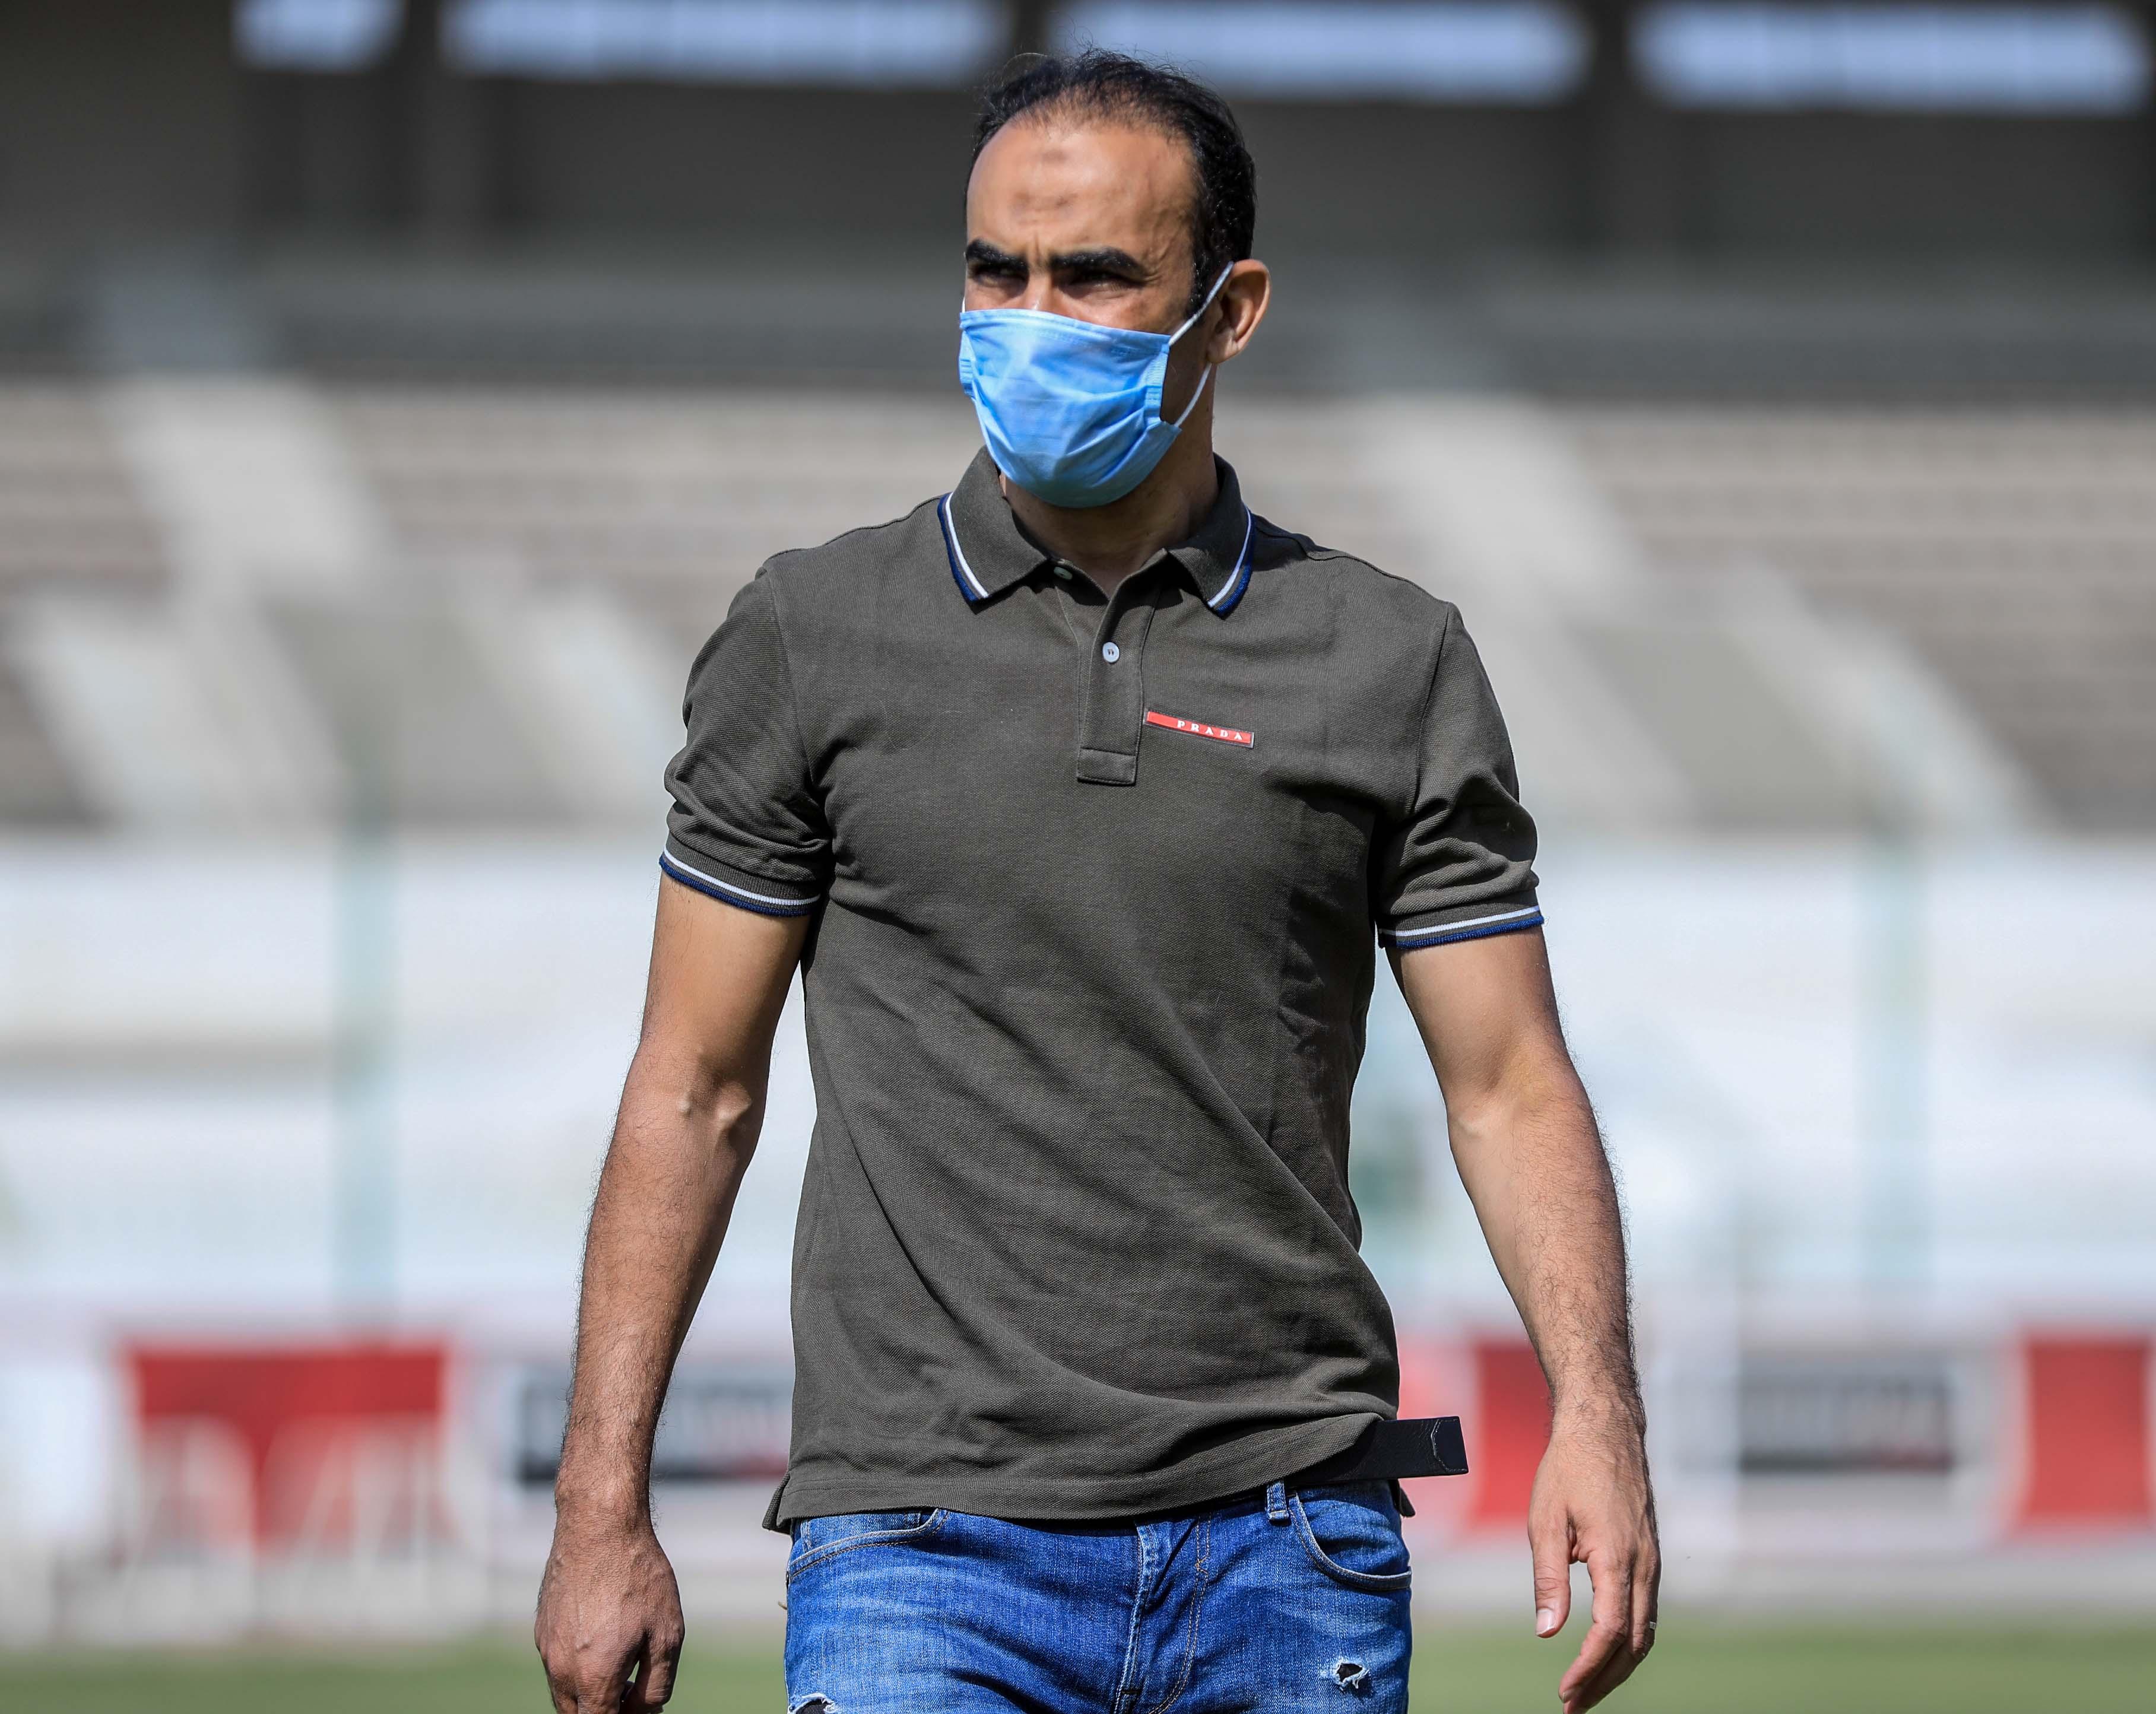 سيد عبد الحفيظ - مدير الكرة